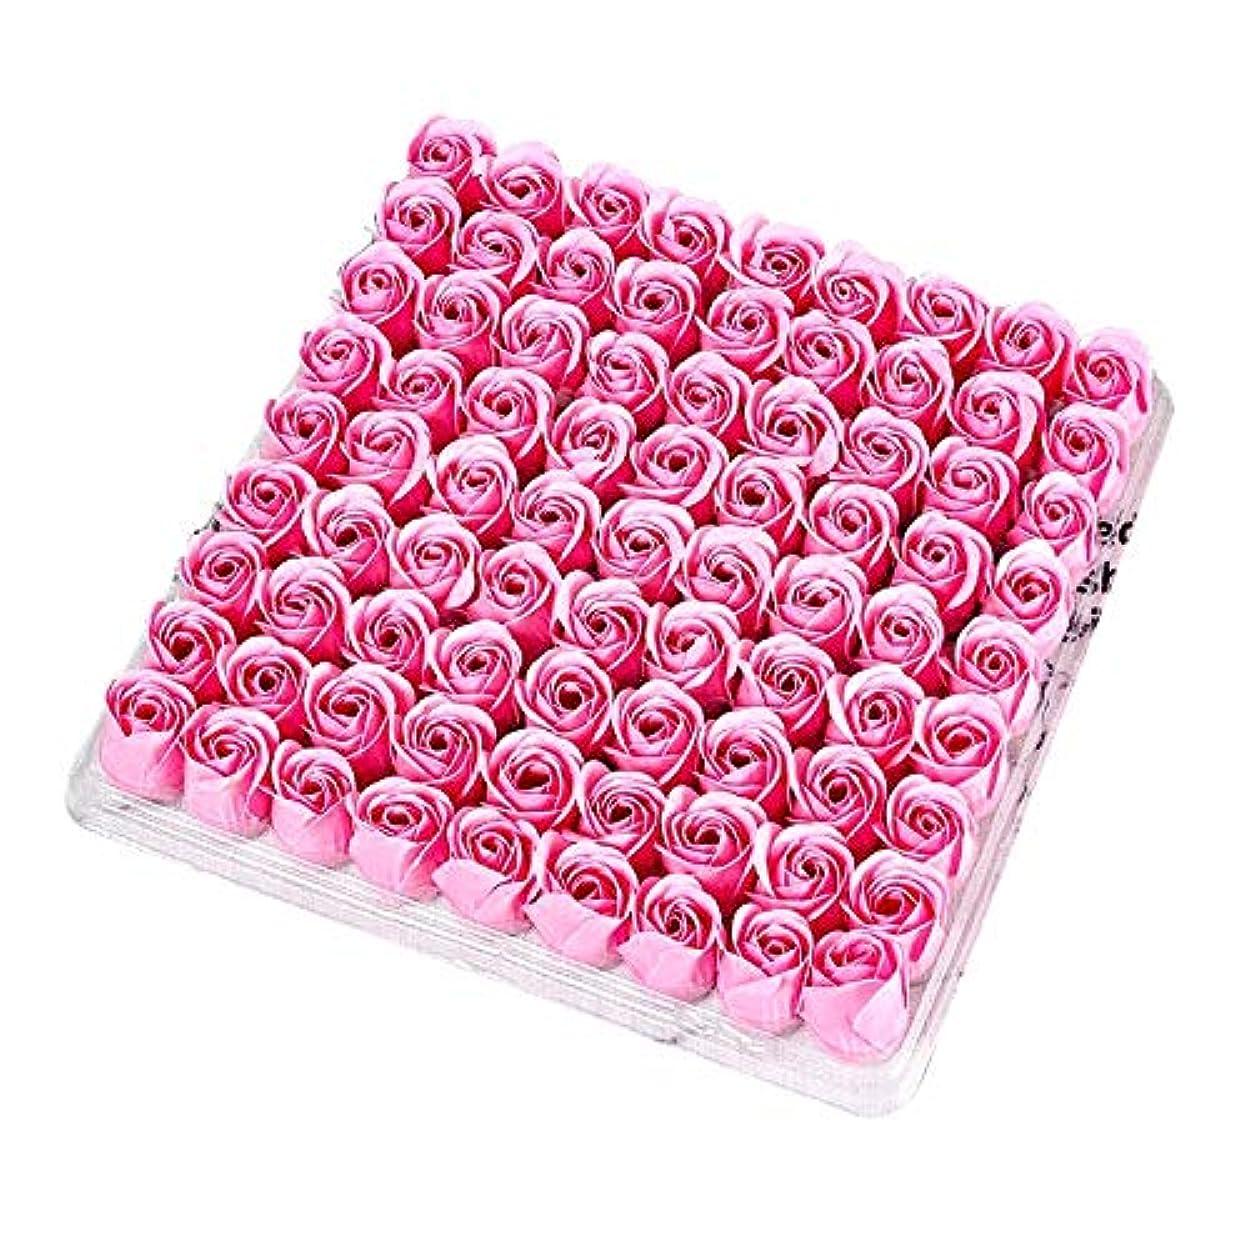 容疑者動機バリーSODIAL 81個の薔薇、バス ボディ フラワー?フローラルの石けん 香りのよいローズフラワー エッセンシャルオイル フローラルのお客様への石鹸 ウェディング、パーティー、バレンタインデーの贈り物、ピンク